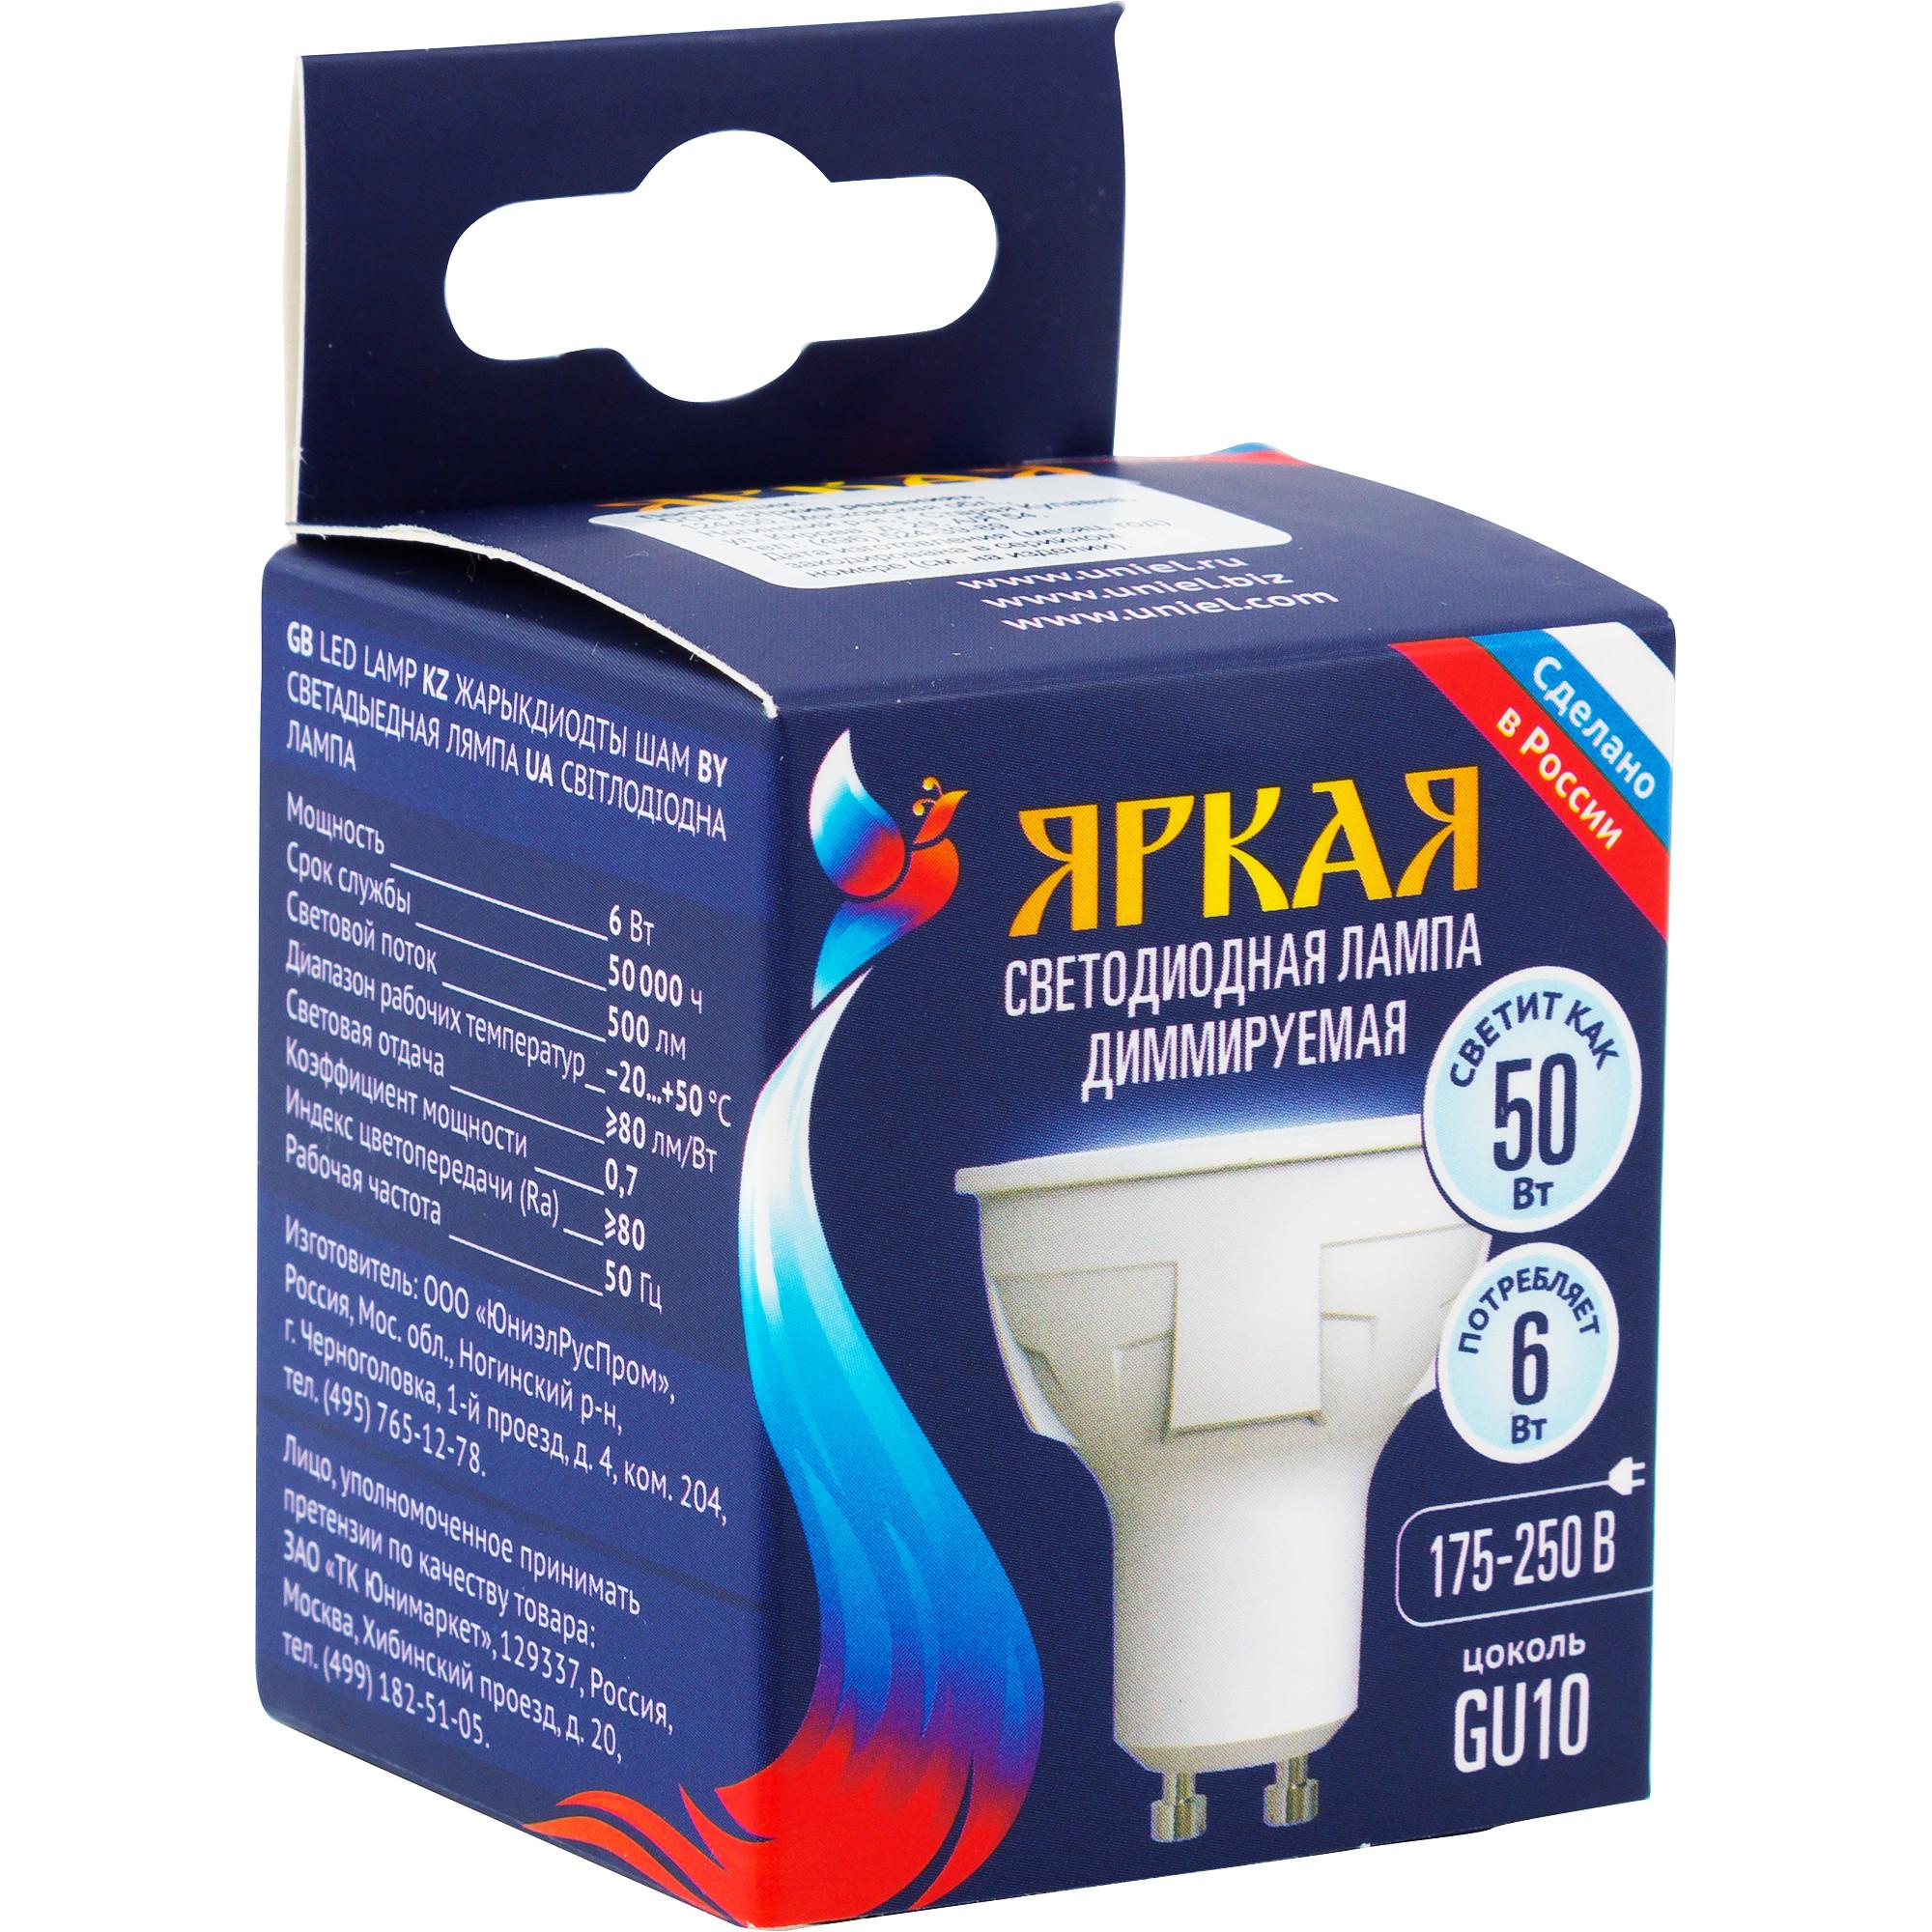 Лампа светодиодная яркая GU10 230 В 6 Вт 500 Лм 4000 К свет холодный белый для диммера